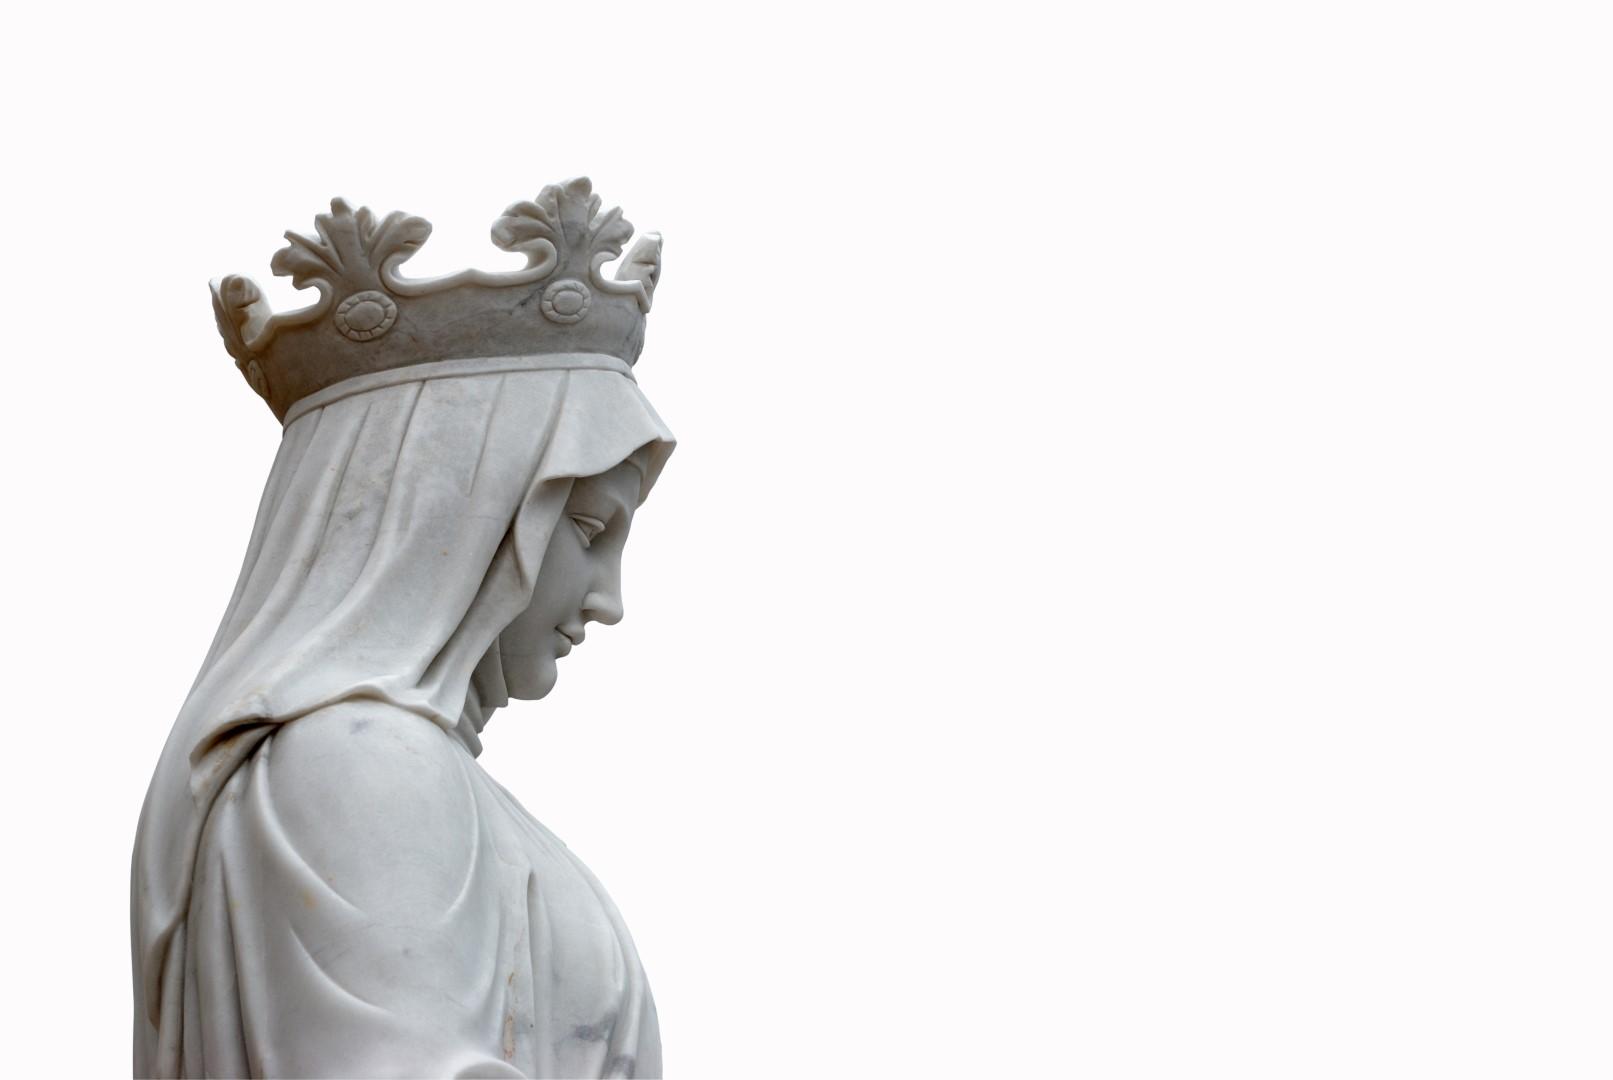 8 grudnia – uroczystość Niepokalanego Poczęcia Maryi